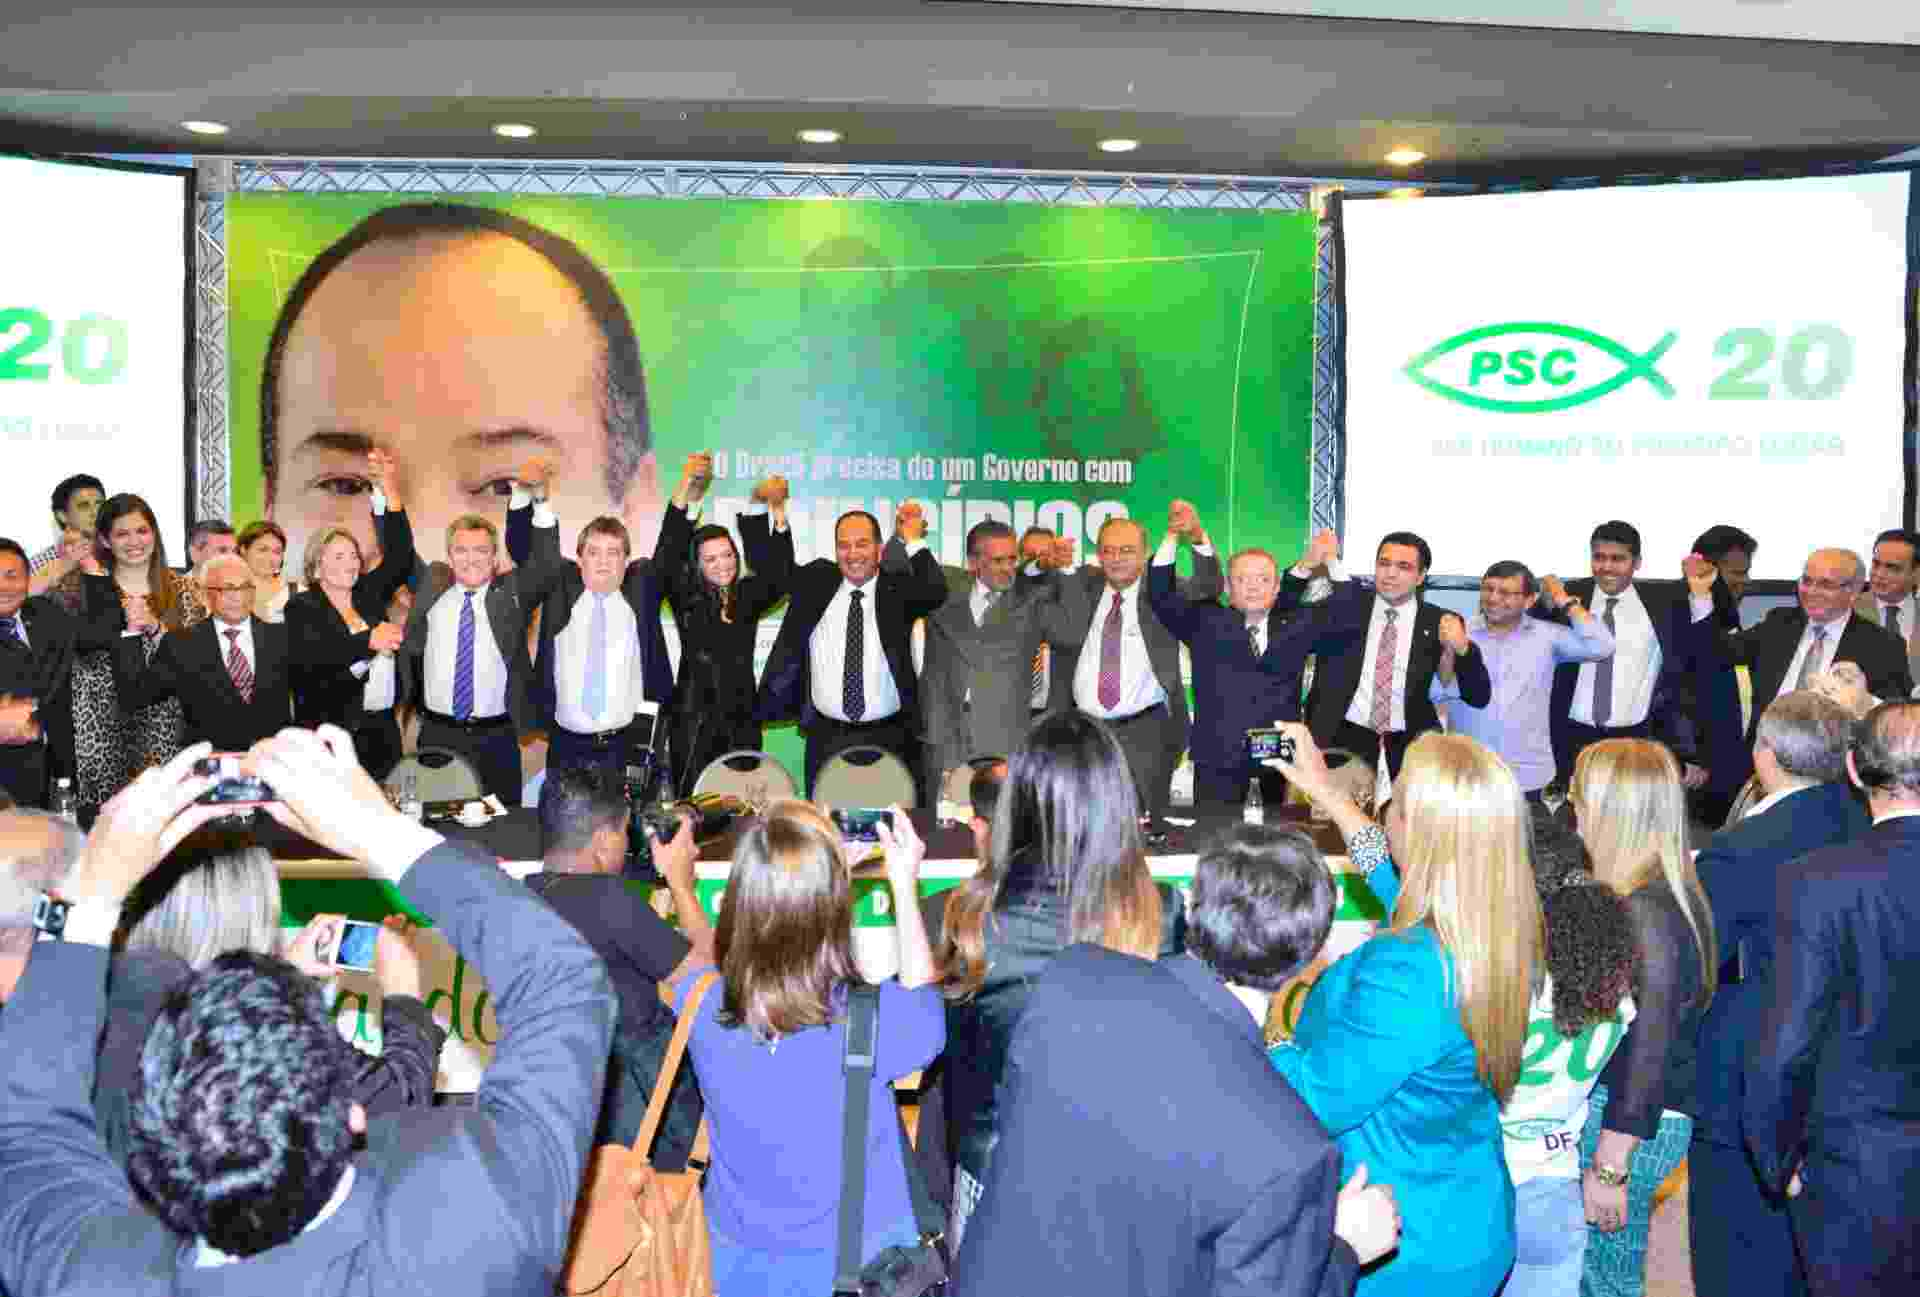 9.abr.2014 - O PSC lançou nesta terça-feira (8), em Brasília, a pré-candidatura do Pastor Everaldo Pereira à Presidência da República - Divulgação